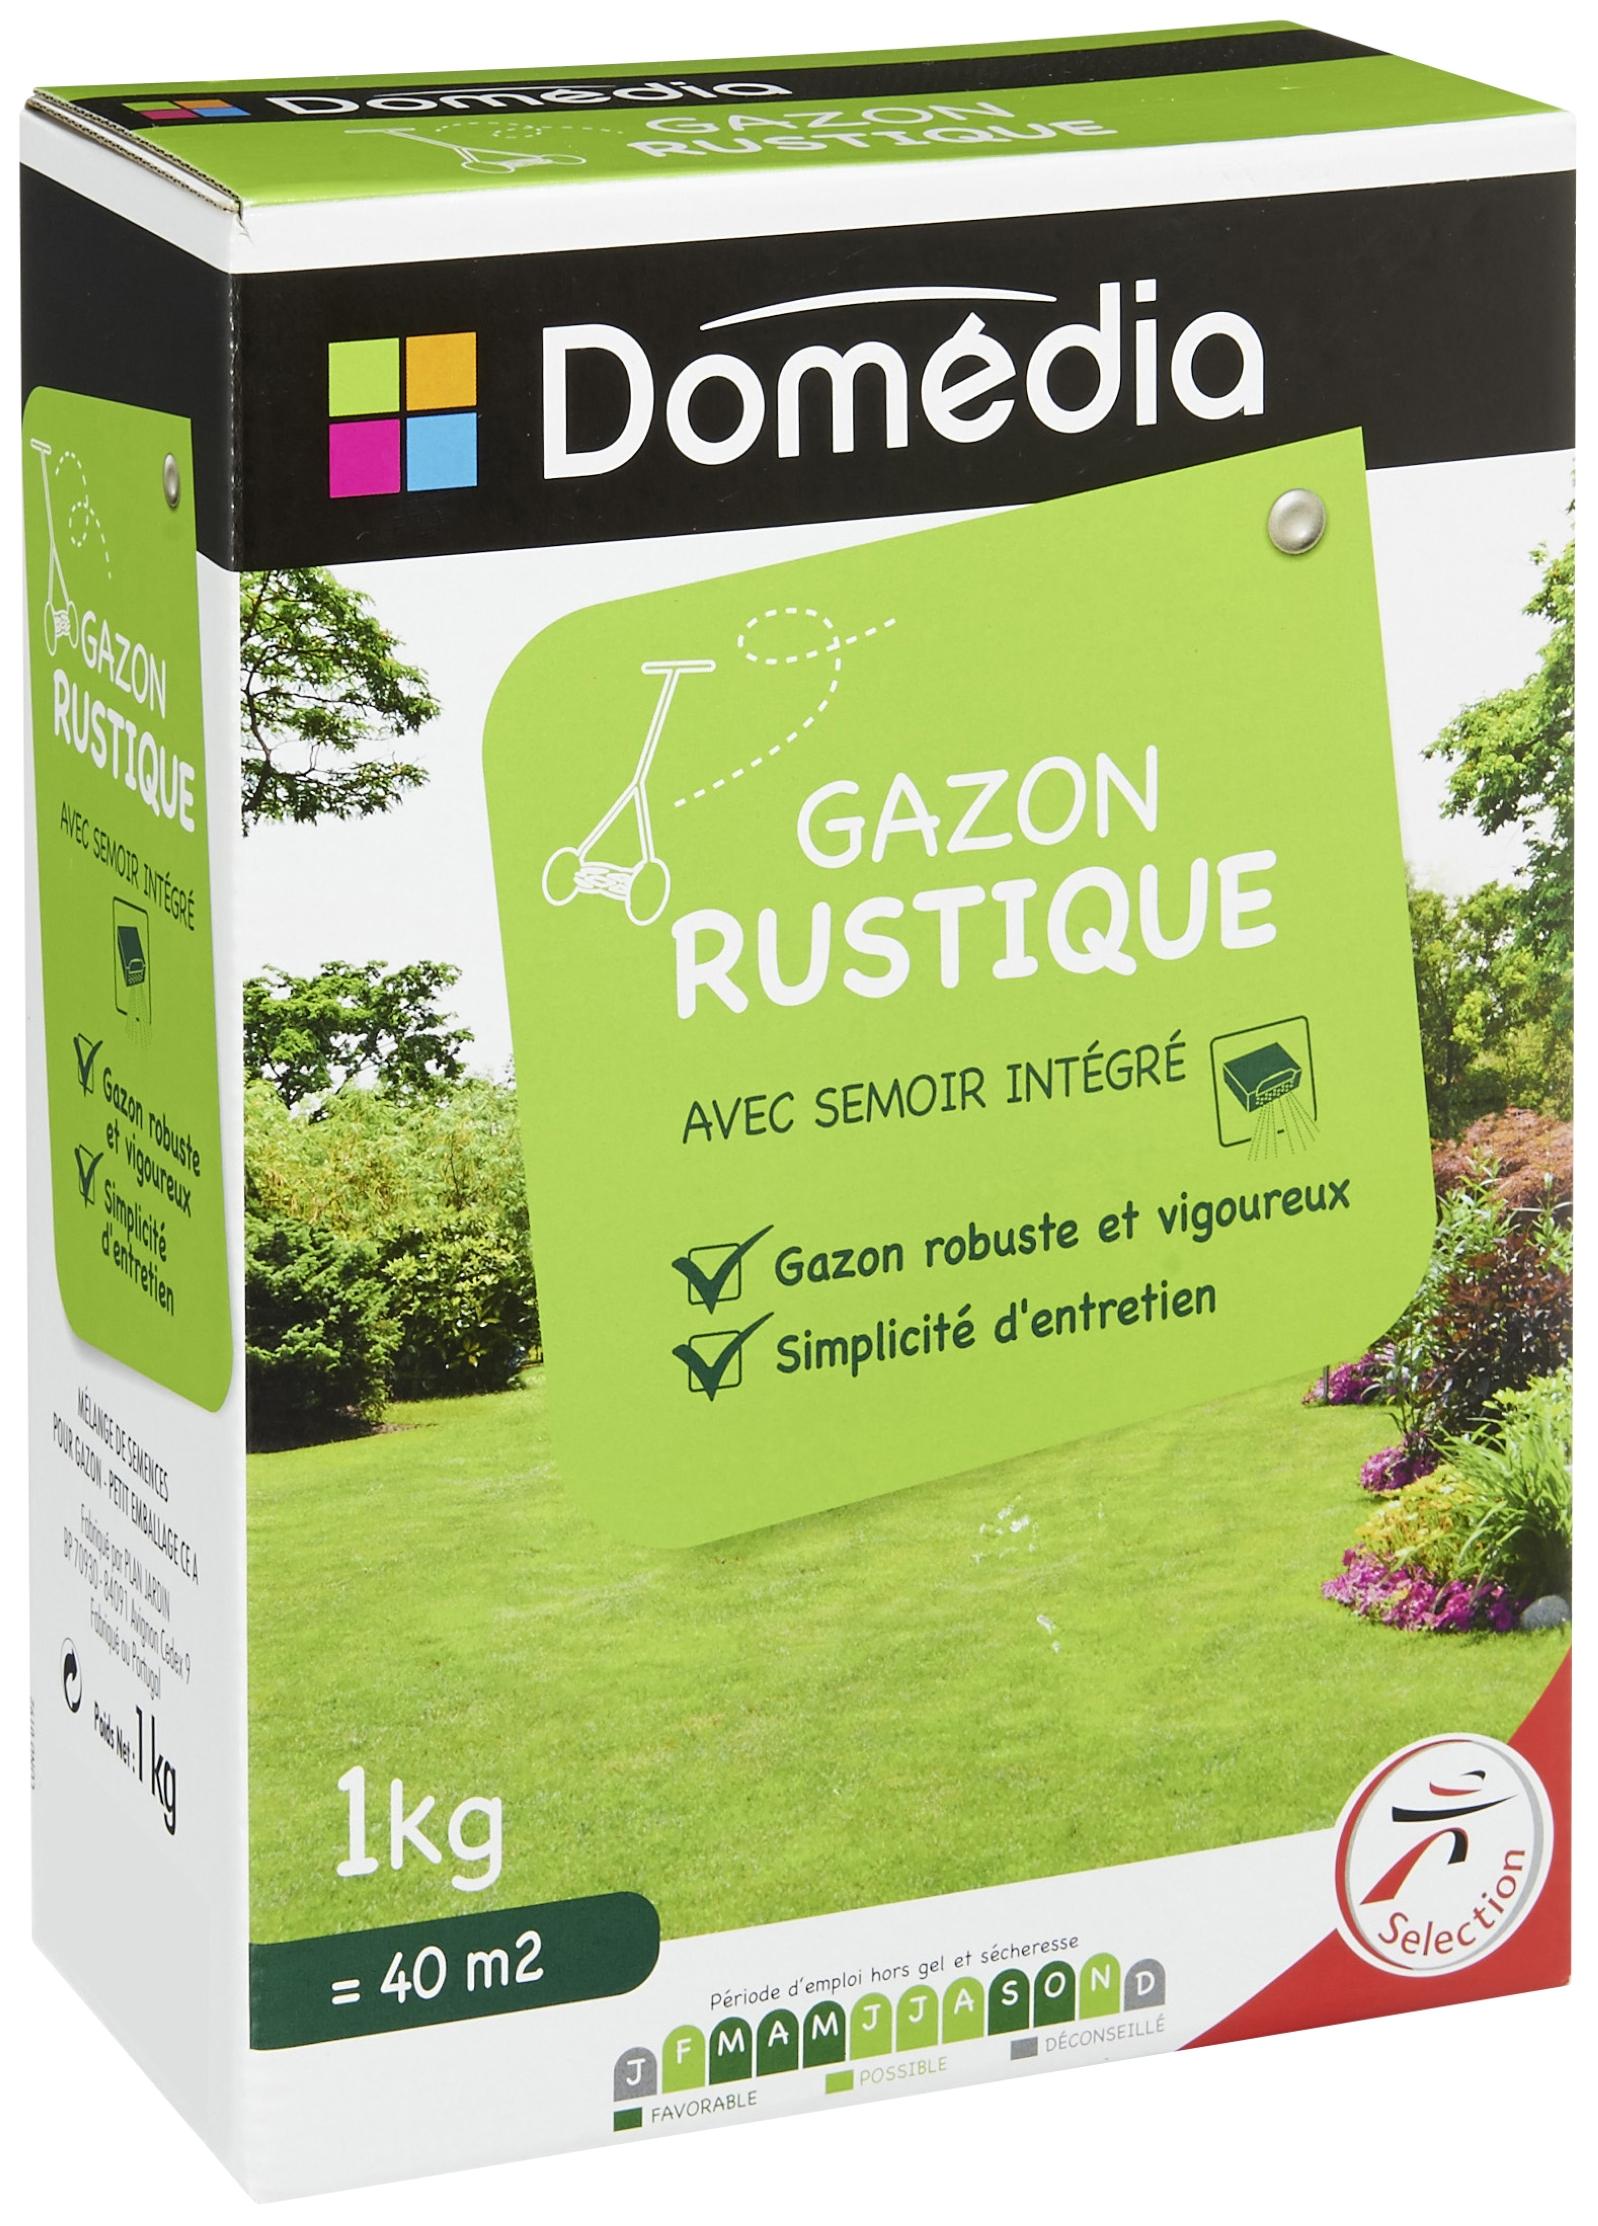 Gazon rustique Domédia 5 Kg - Hyper Intermarché